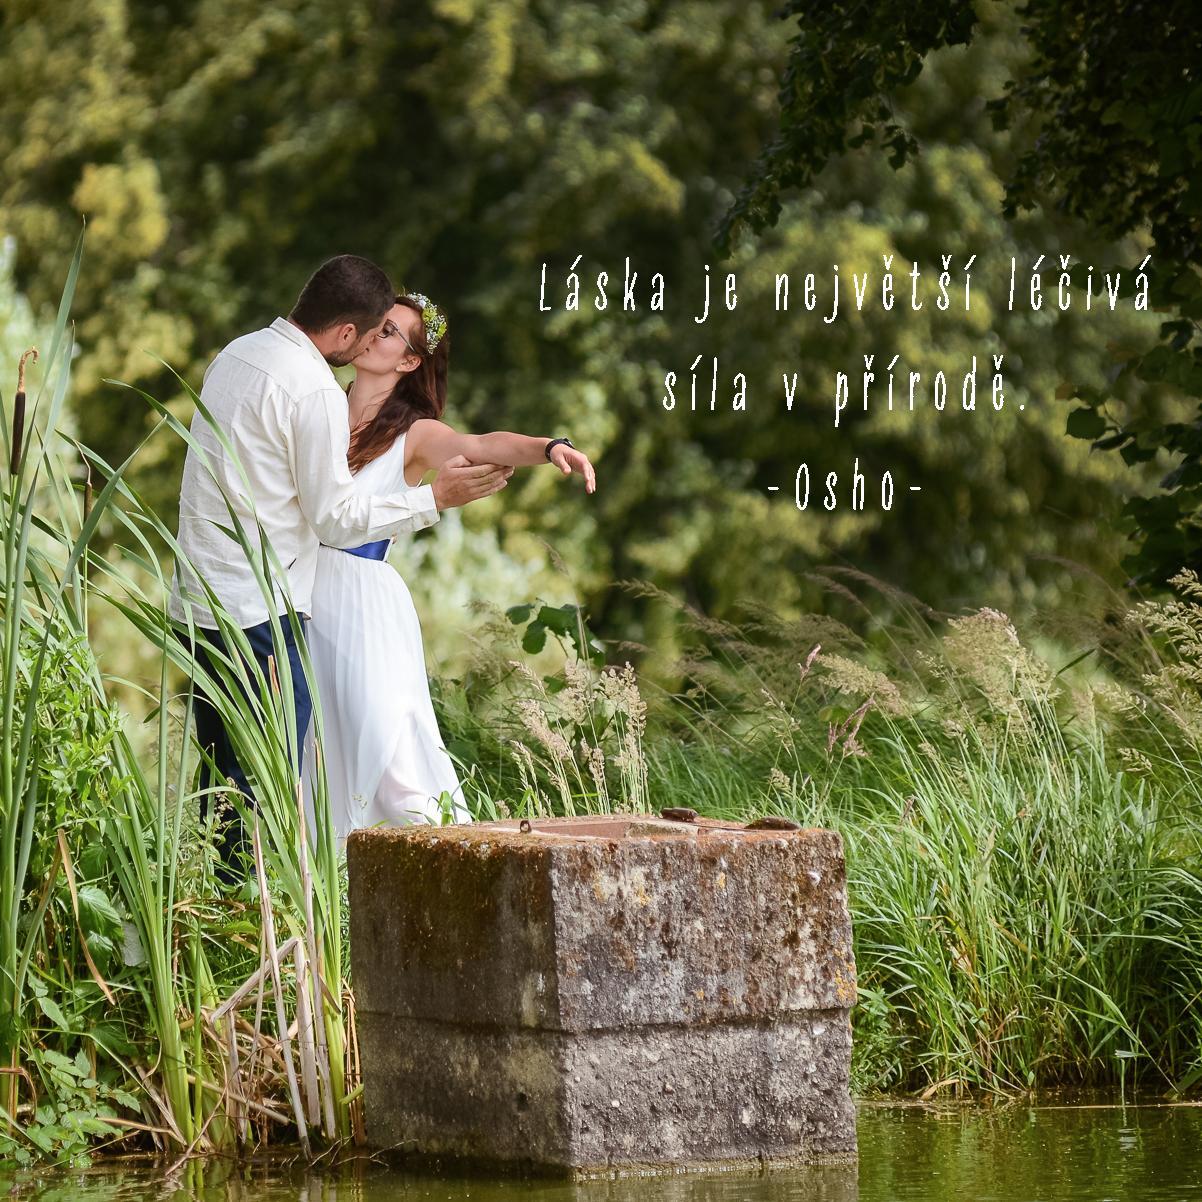 Svatební sezona 2021 :) - Obrázek č. 1